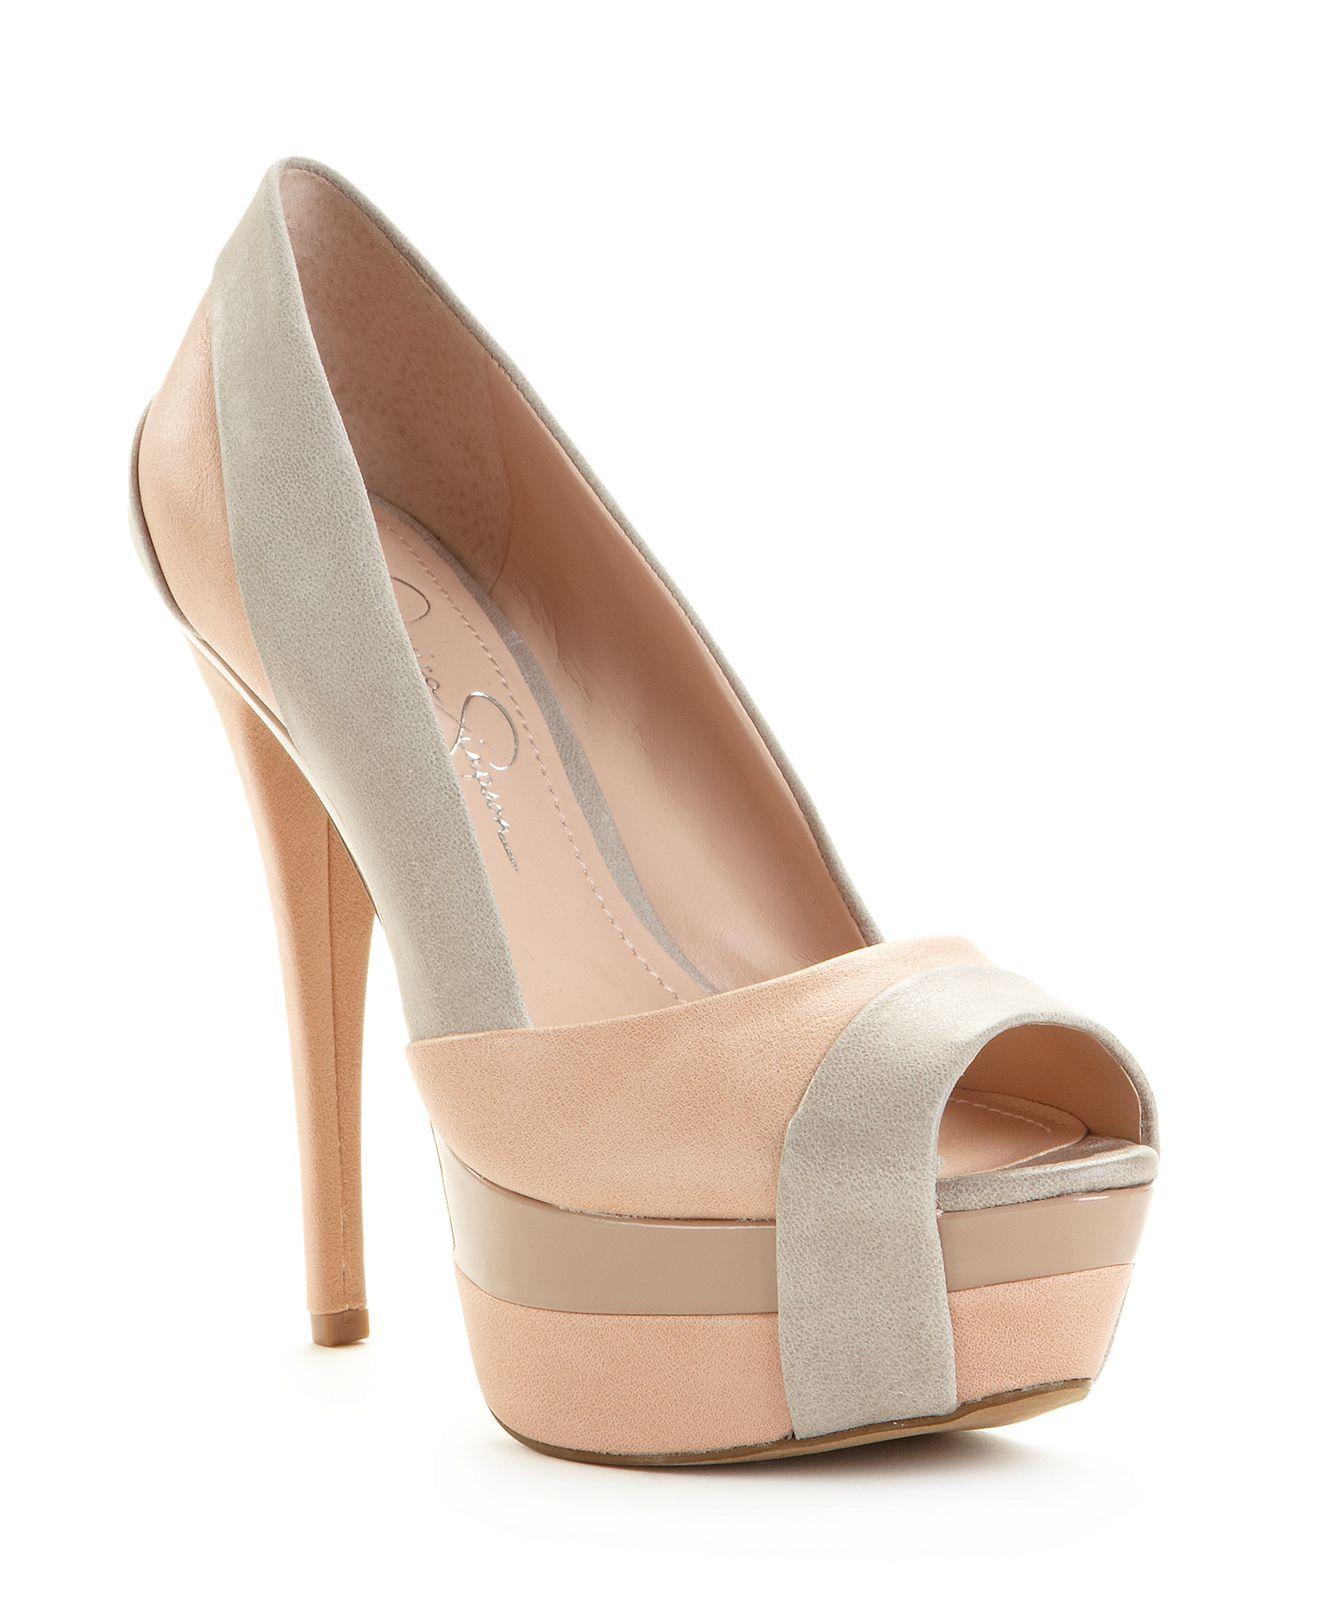 e70470a7f88 Jessica Simpson Shoes, Weema Platform Pumps | Little Piggy Heaven ...